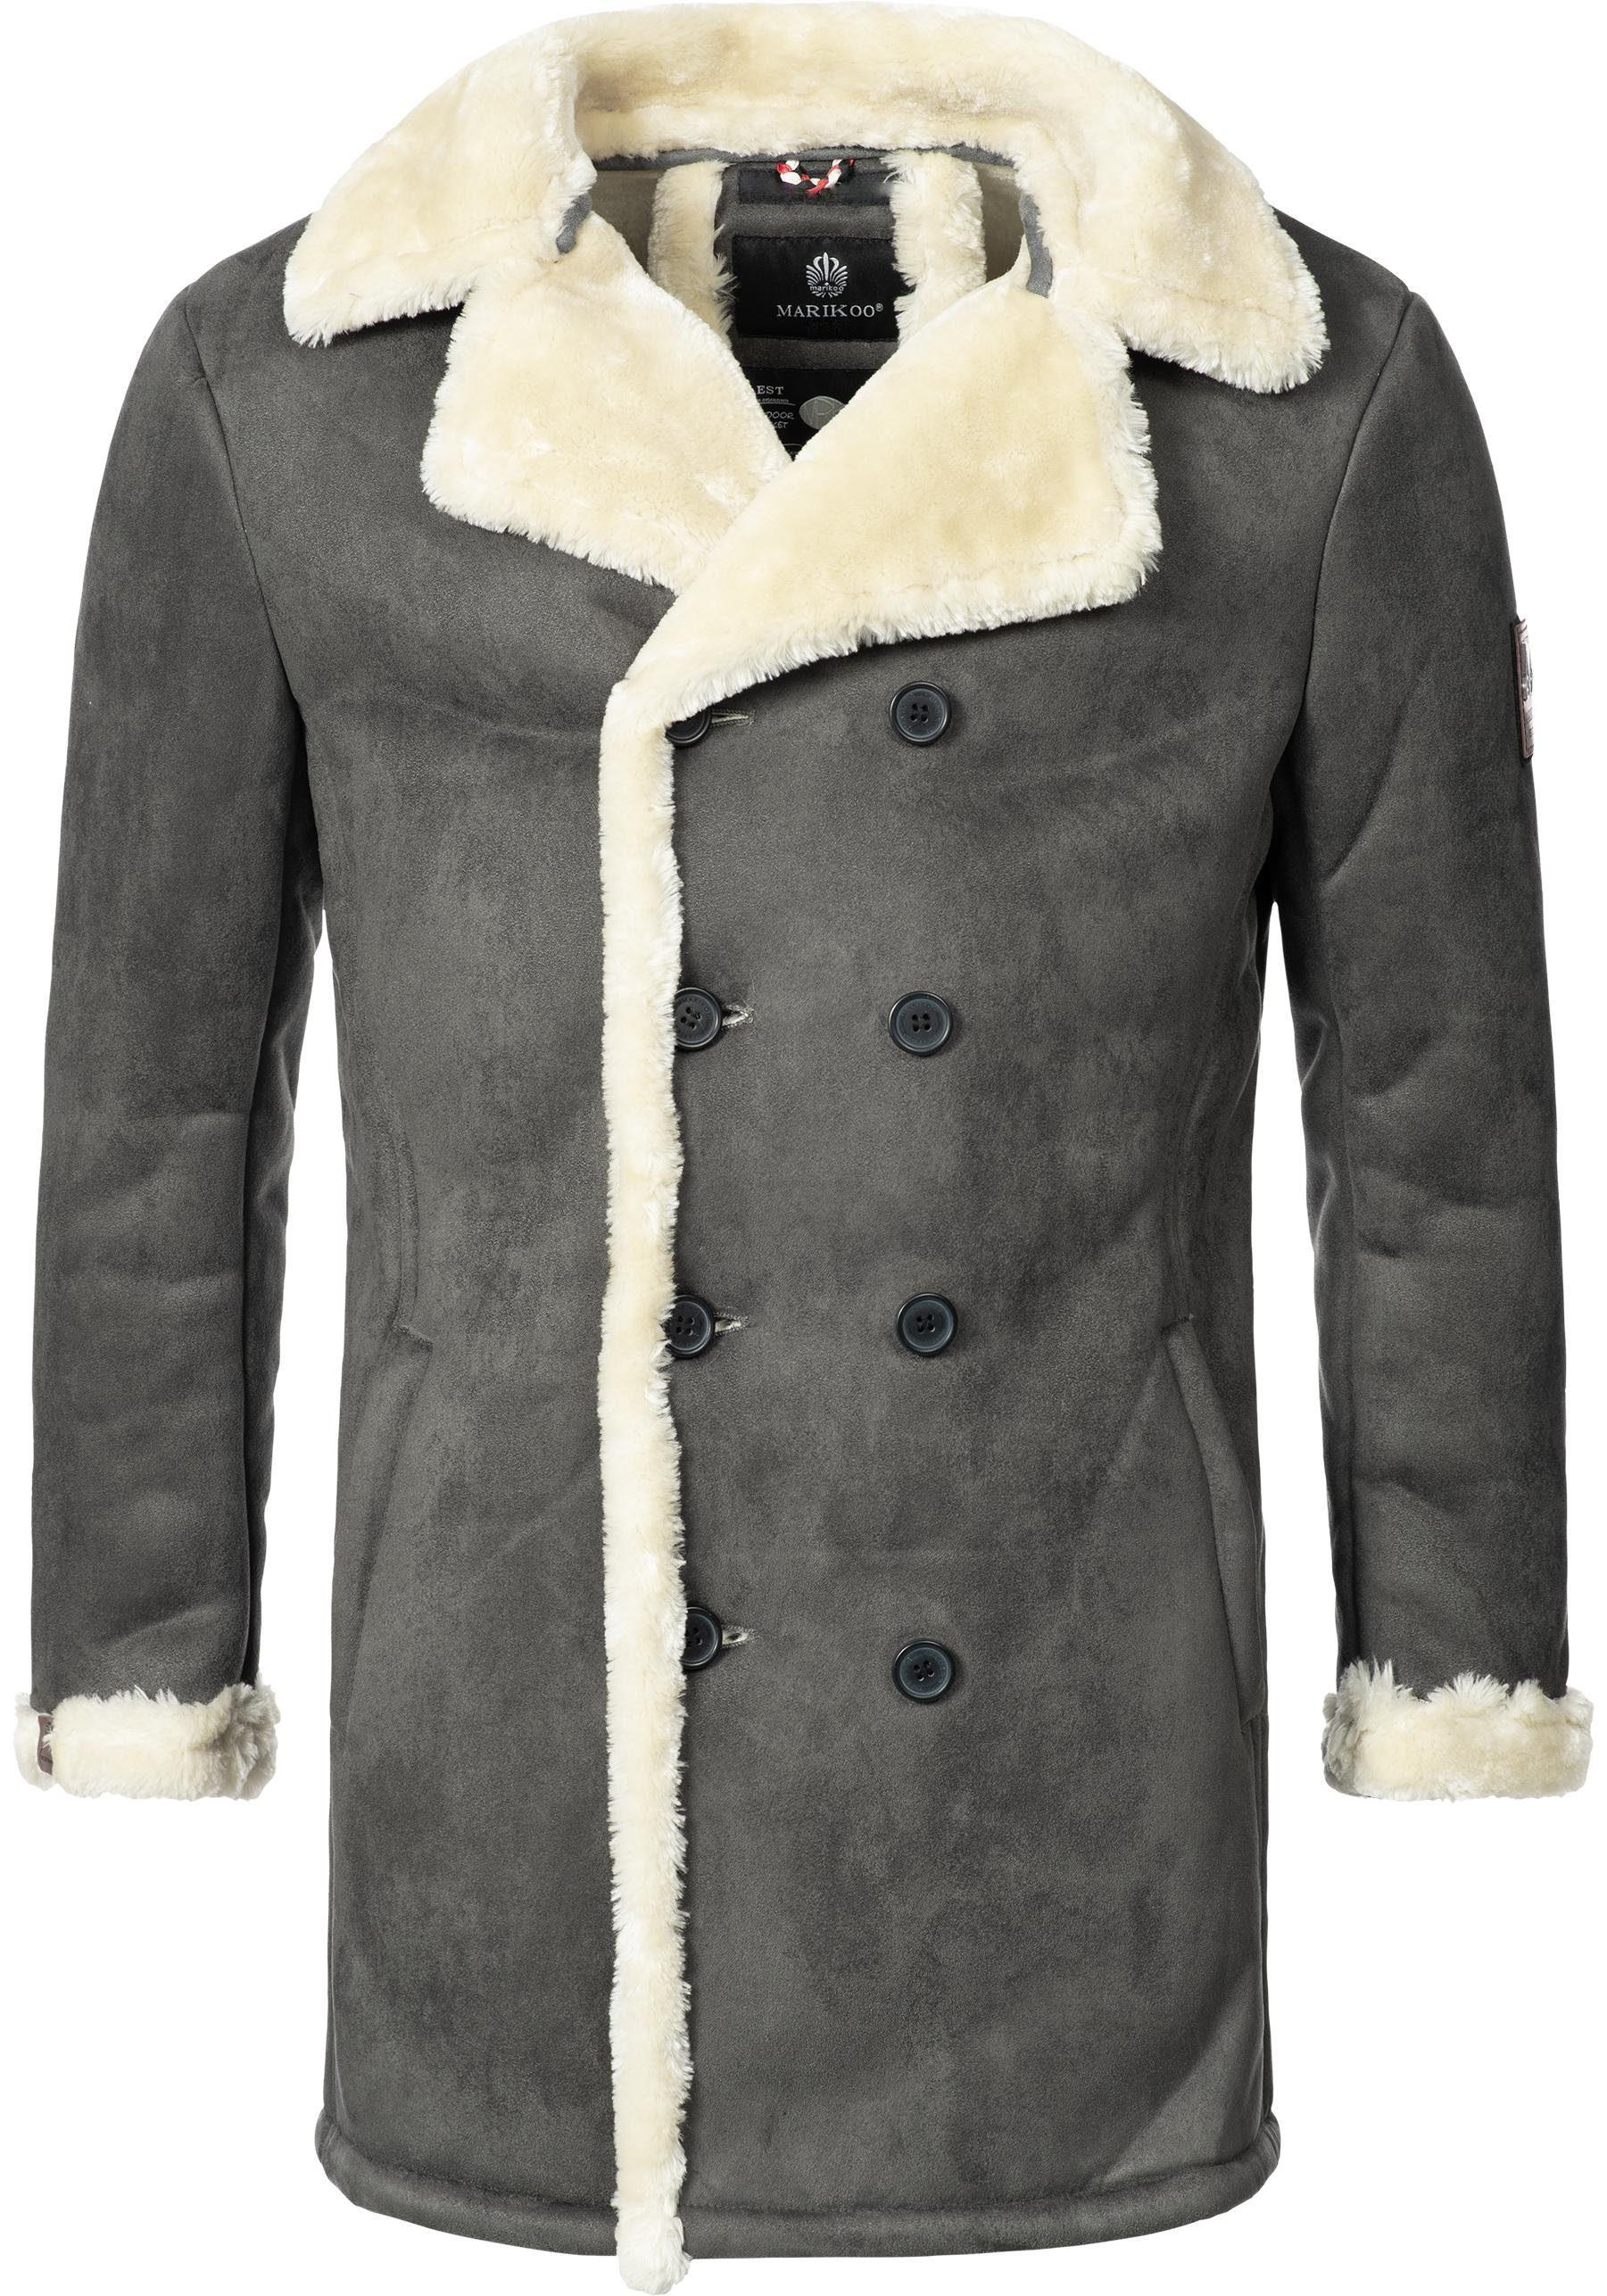 Marikoo Winterjacke »Yasuoo« stylischer Herren Winterparka mit Reverskragen online kaufen | OTTO